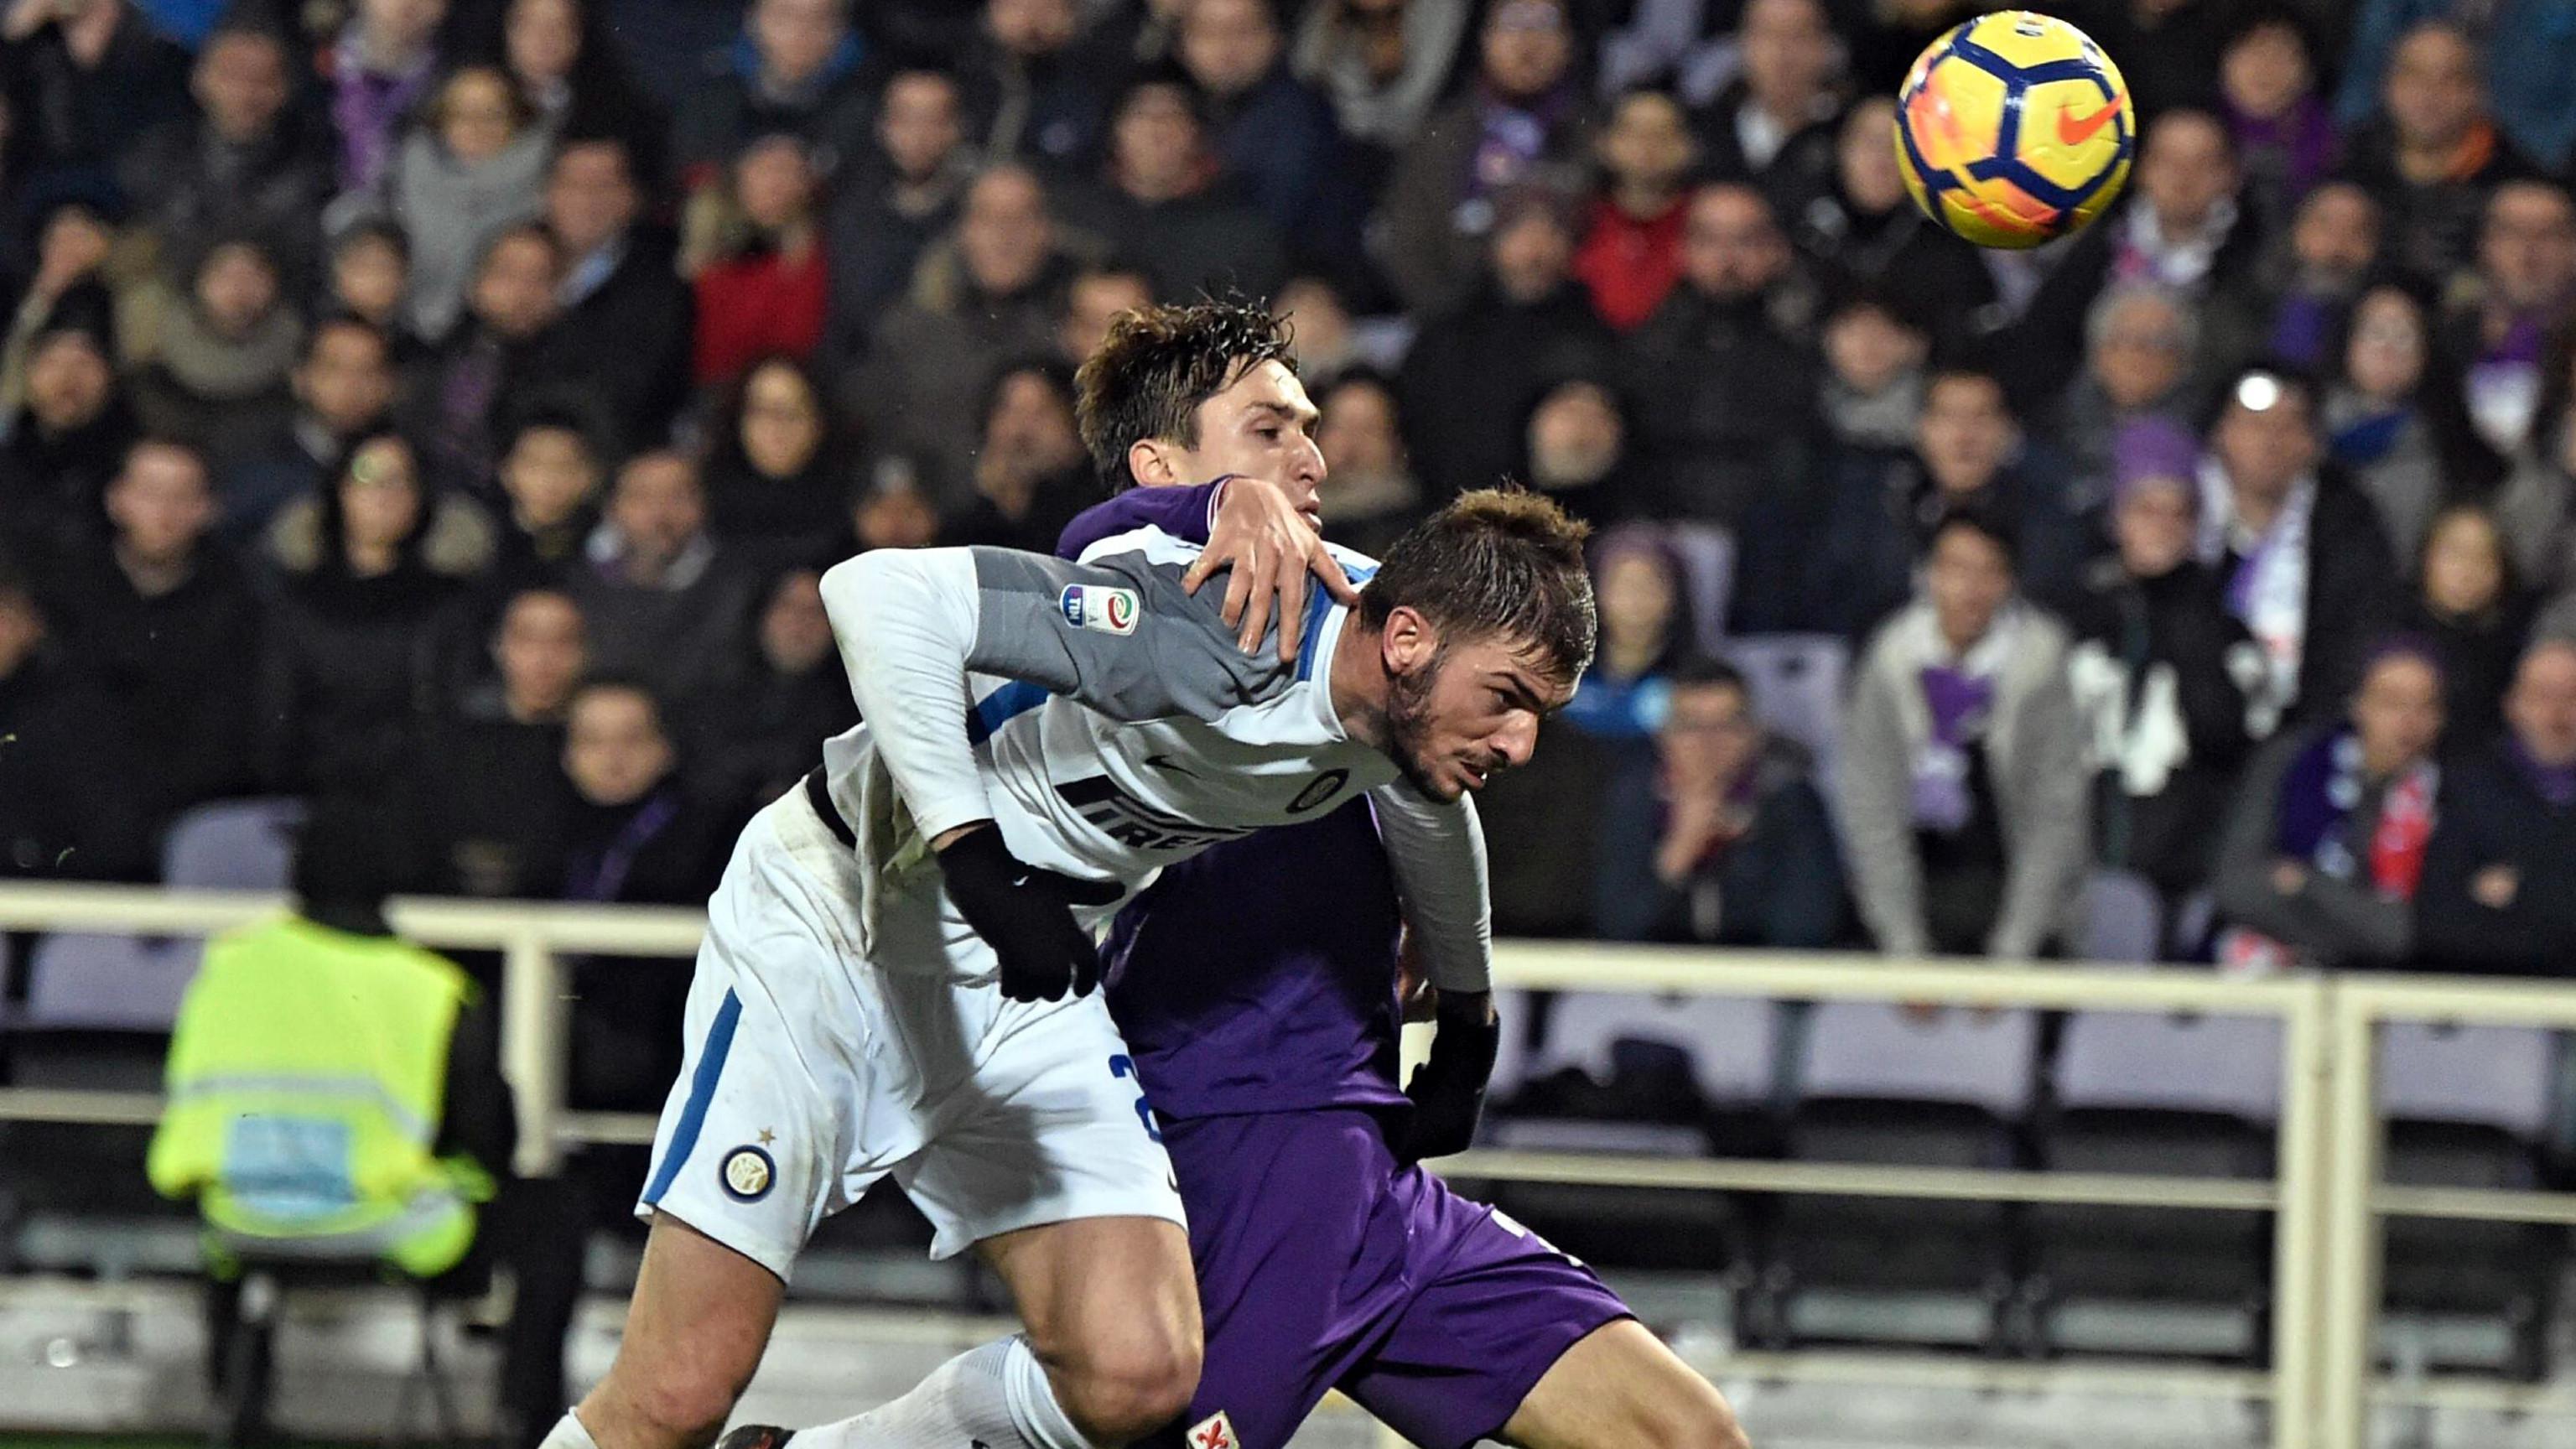 Duel pemain Fiorentina, Federico Chiesa dan pemain Inter Milan, Davide Santon pada laga Serie A di Artemio Franchi Stadium, Florence, (5/1/2018). Inter bermain imbang 1-1 dengan Fiorentina. (Maurizio Degl'Innocenti/ANSA via AP)